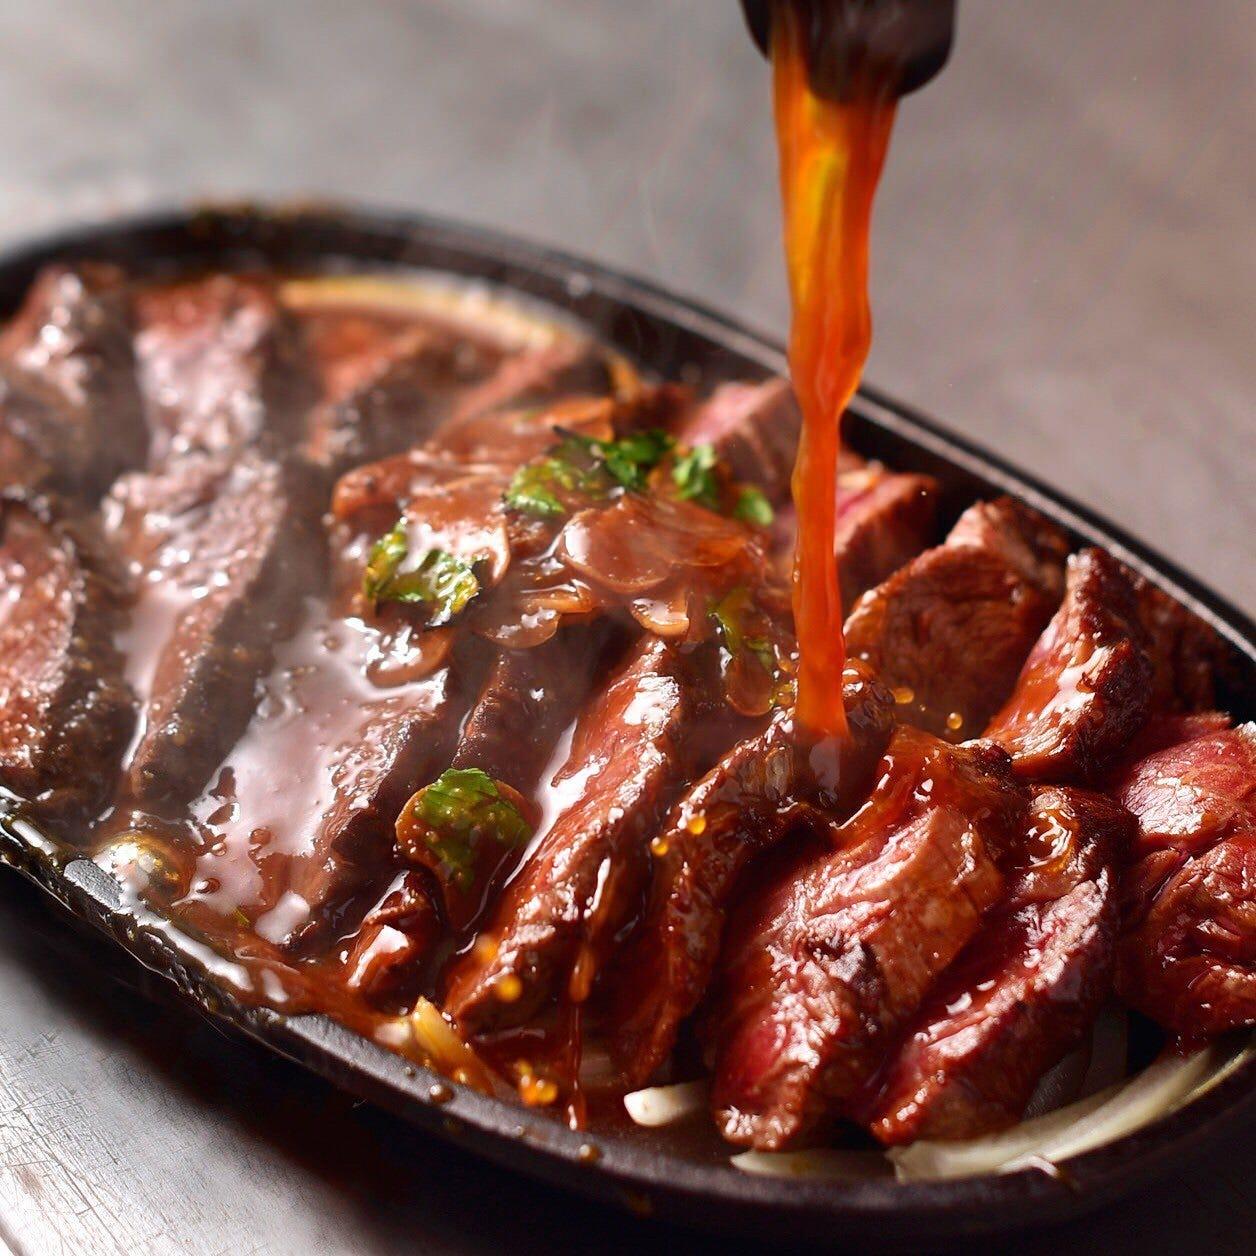 お肉のうまみを最大限に引き出す、自慢のHOTステーキソース!